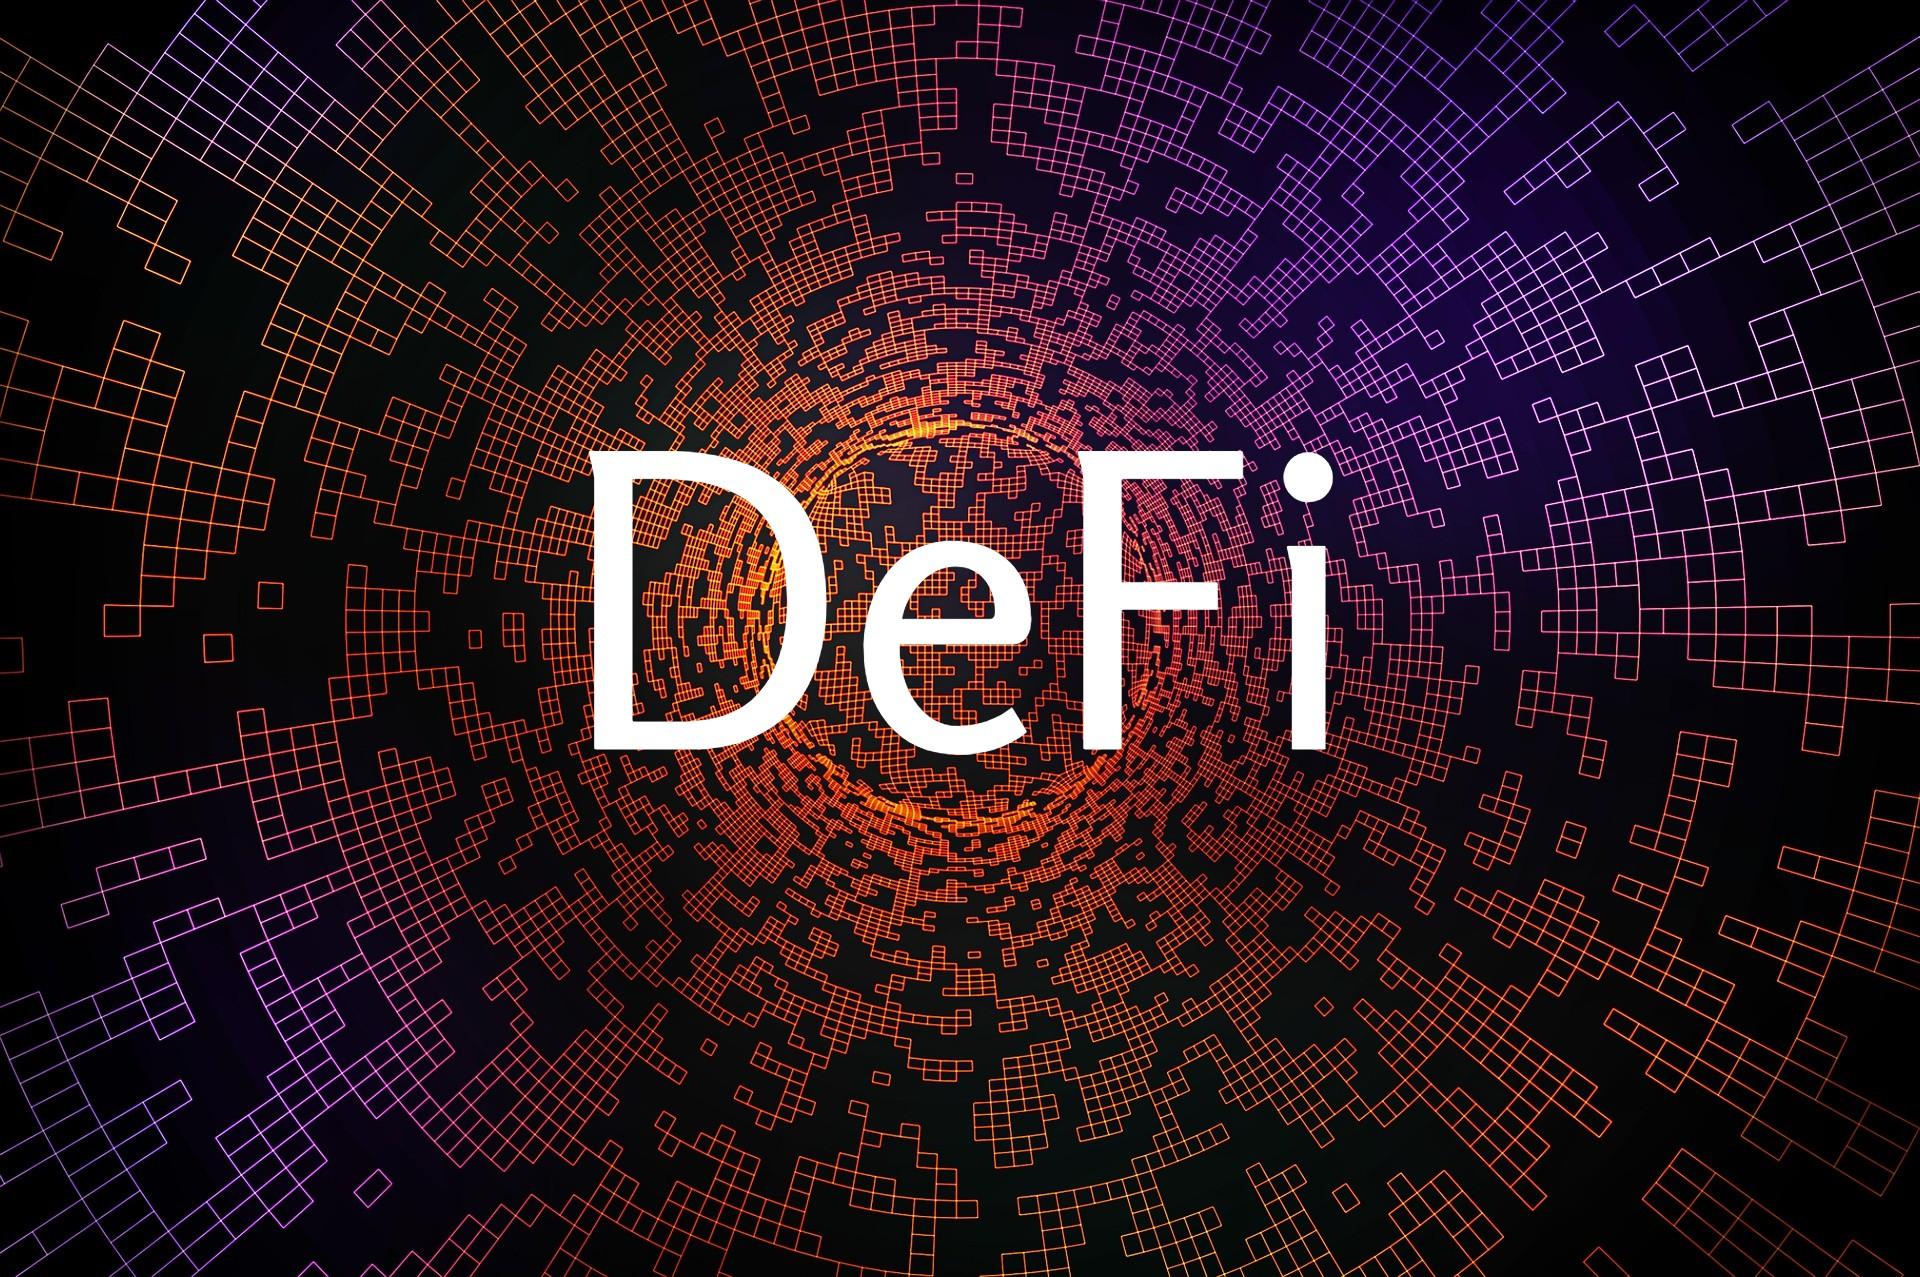 Nhật Bản kêu gọi quy định cho không gian DeFi